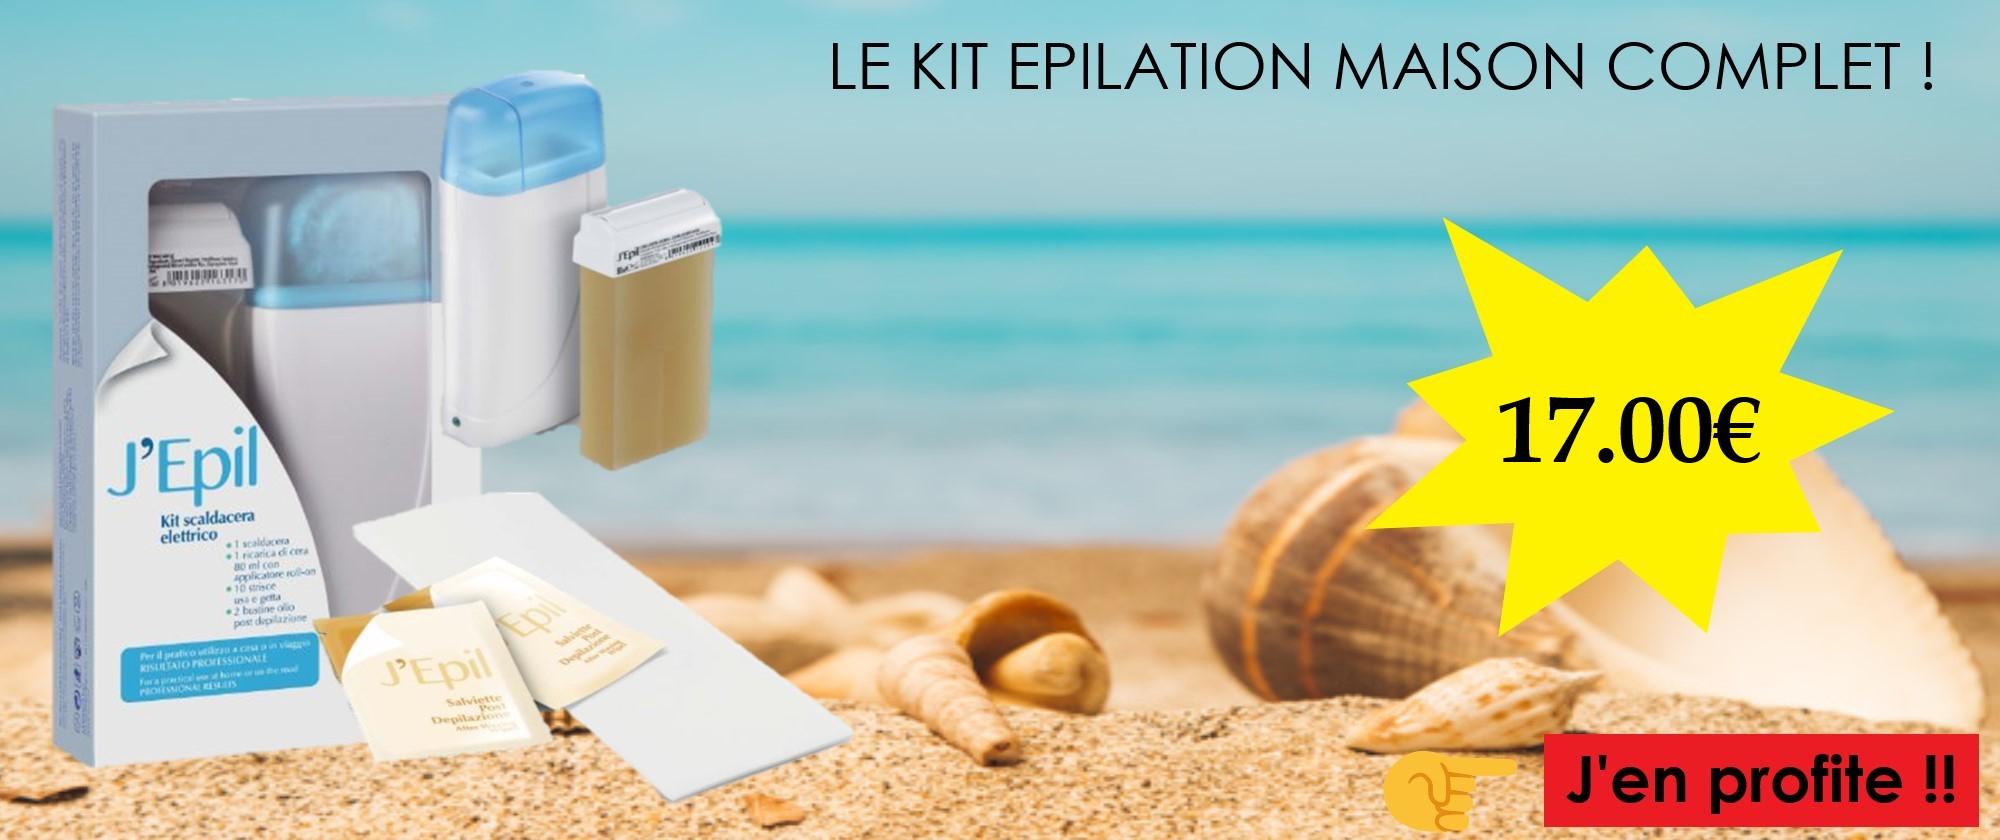 KIT EPILATION MAISON